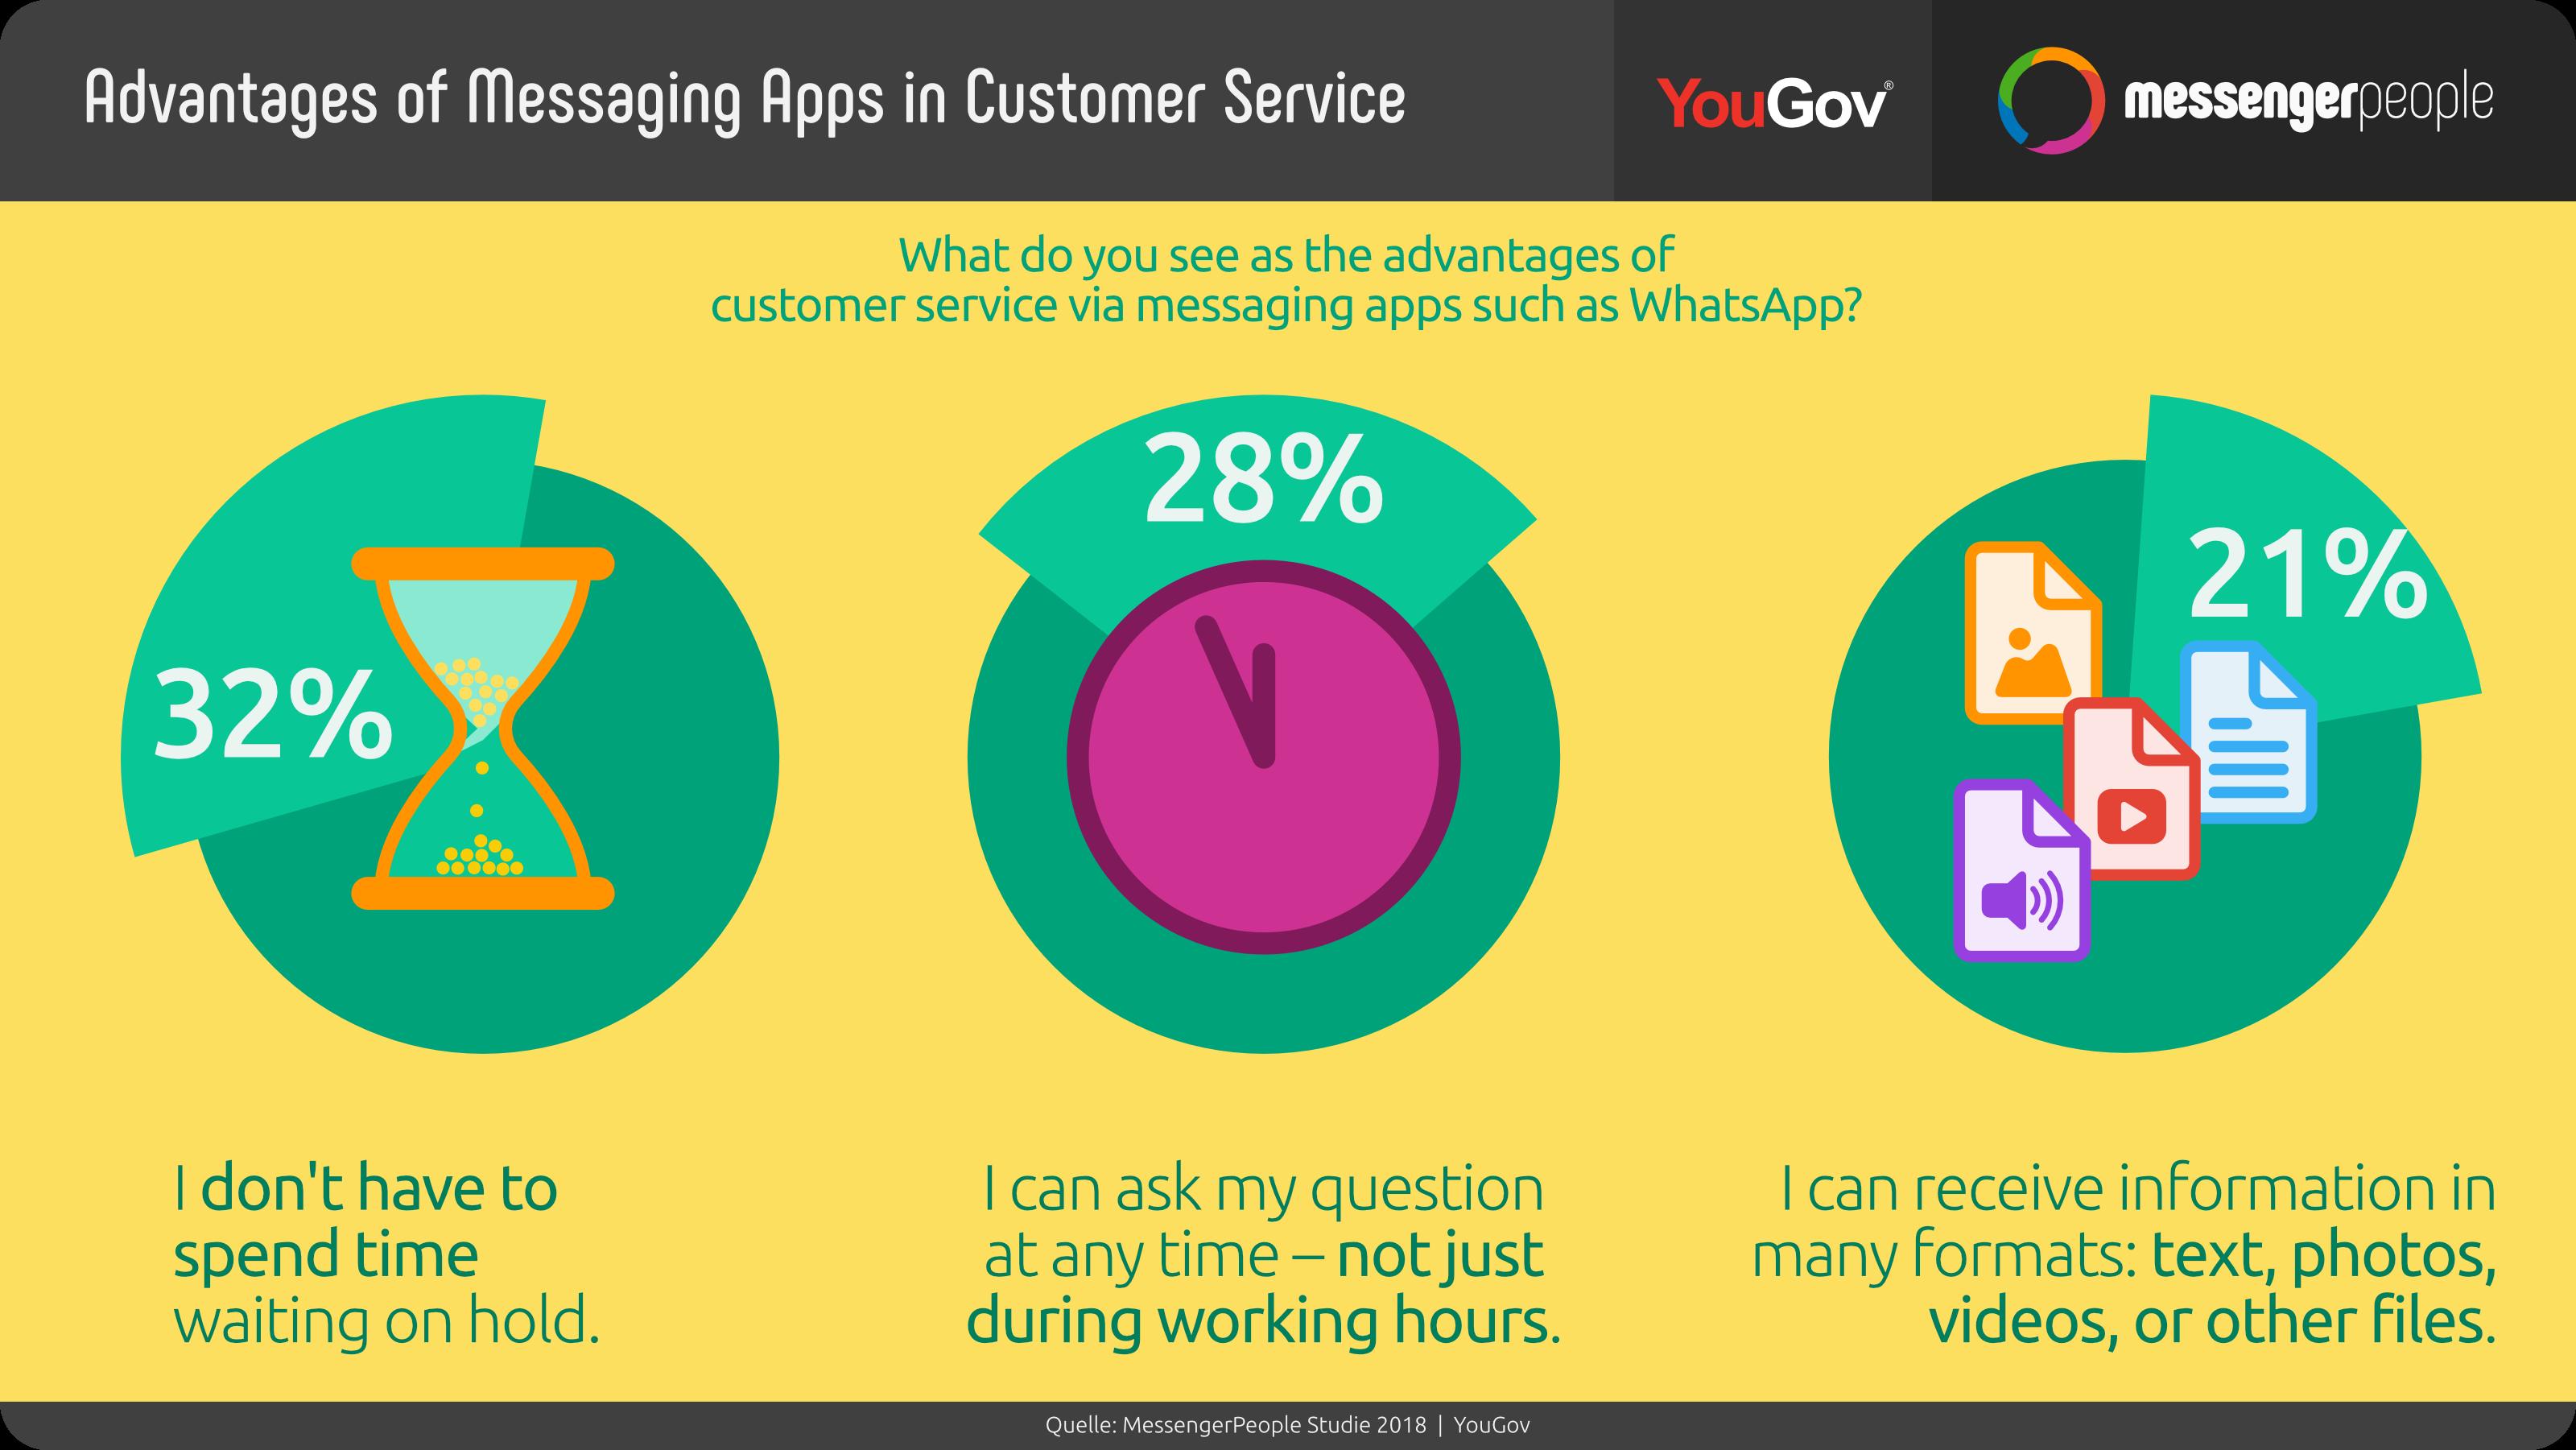 WhatsApp as a Customer Service Platform: Messengers beat